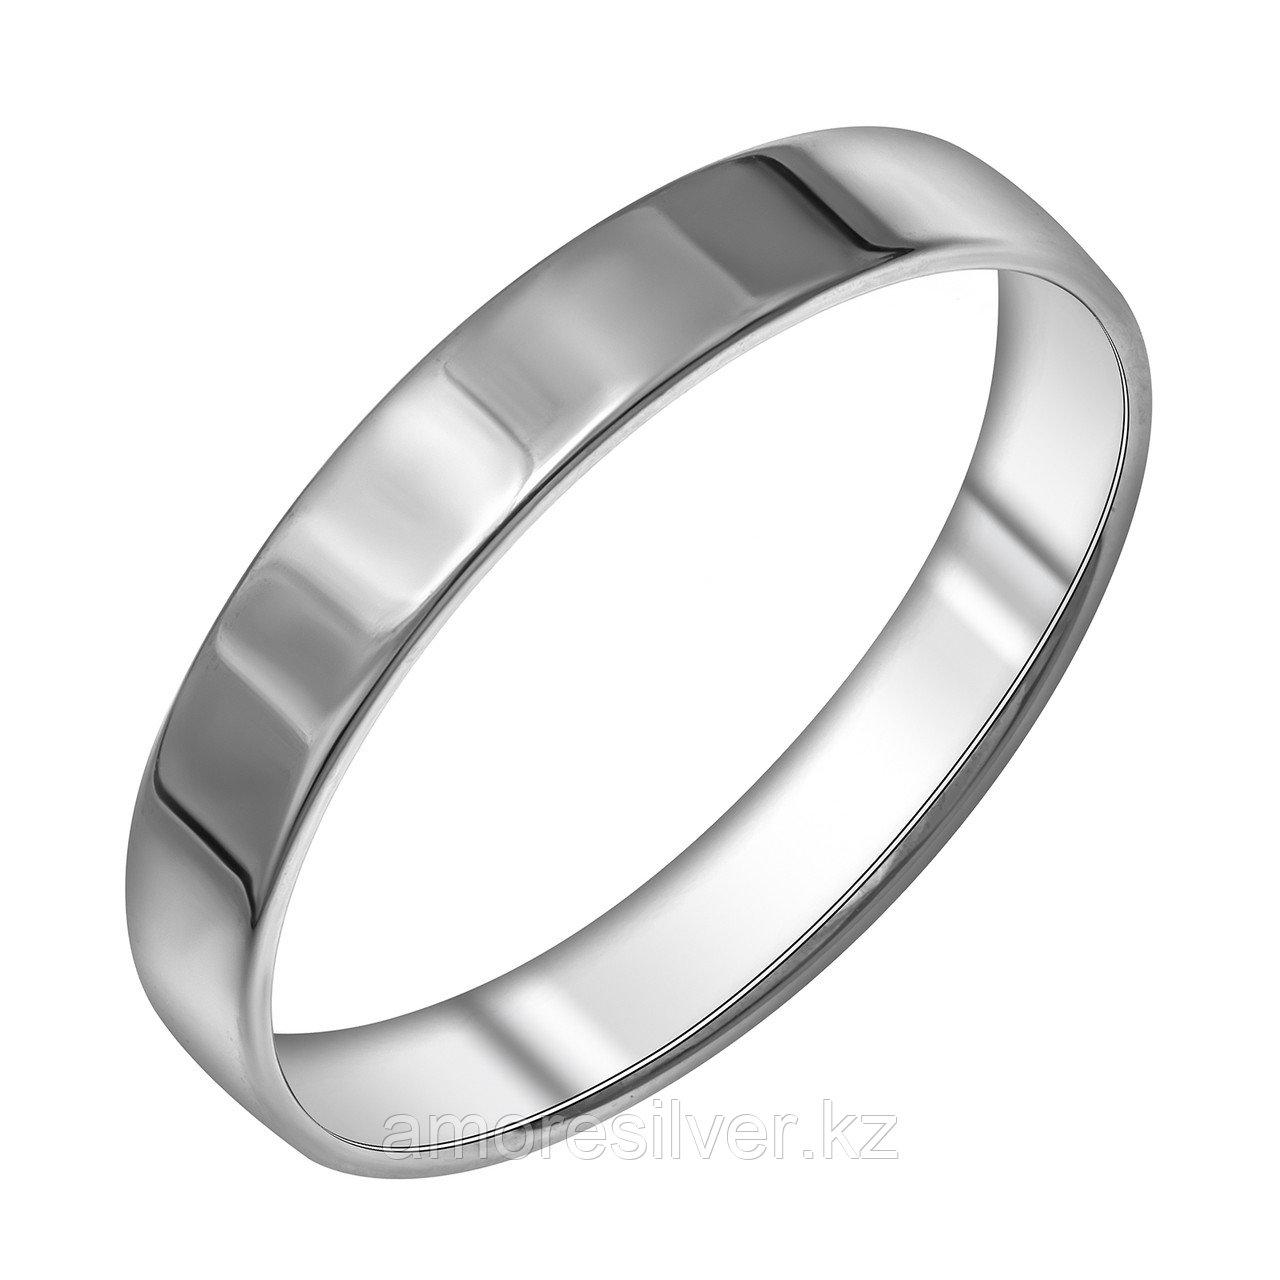 Кольцо  серебро с родием, без вставок 14-1022-23-00 размеры - 18